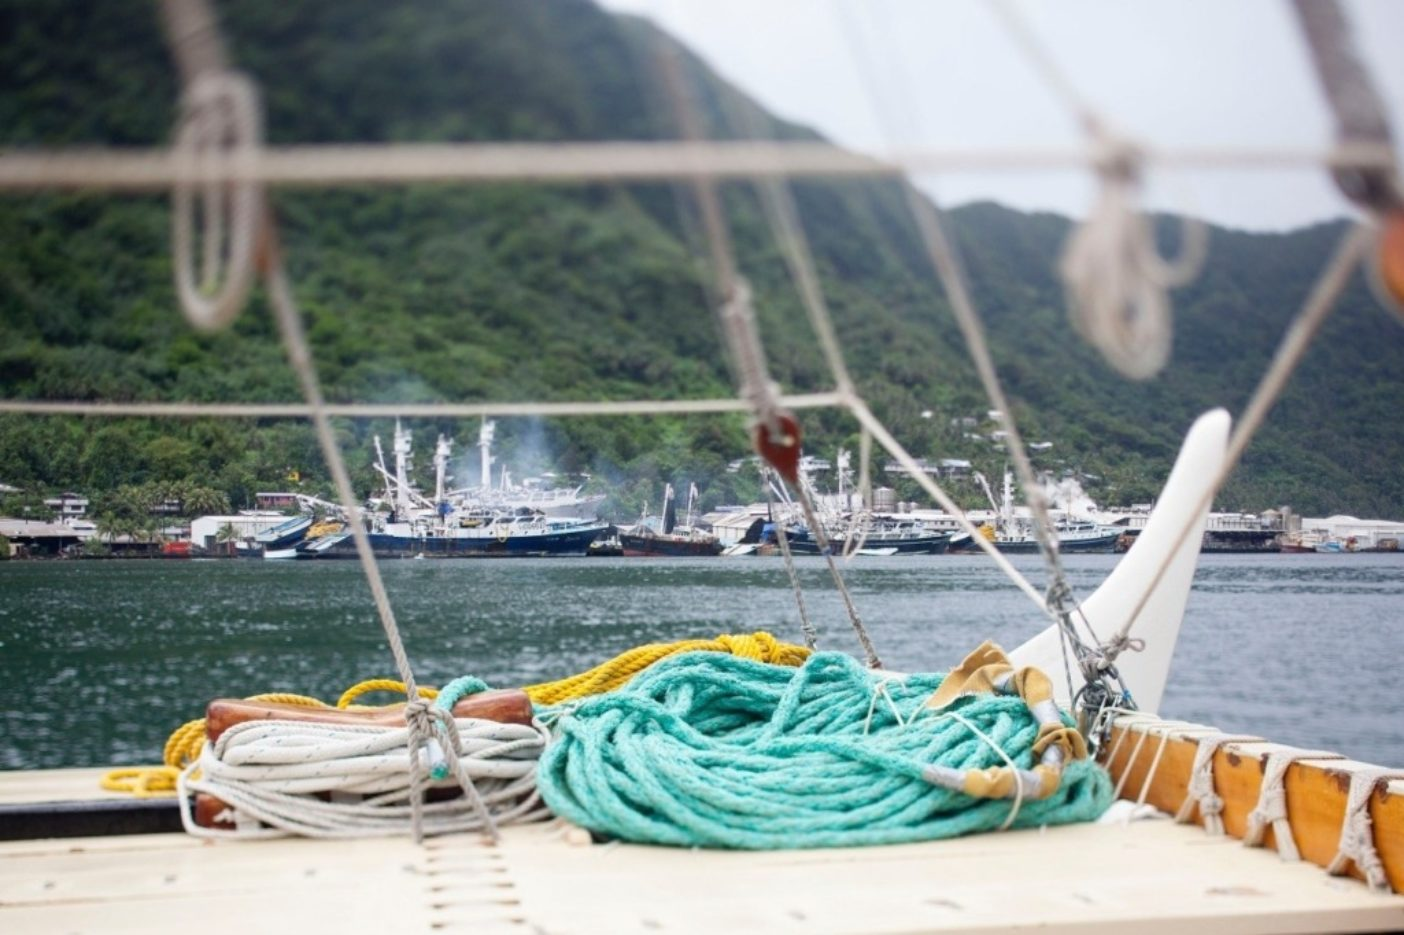 ホクレア号のデッキからはパゴパゴ港の活気ある商業漁業の様子が、視覚と嗅覚と聴覚を通して伺える。Photo: John Bilderback